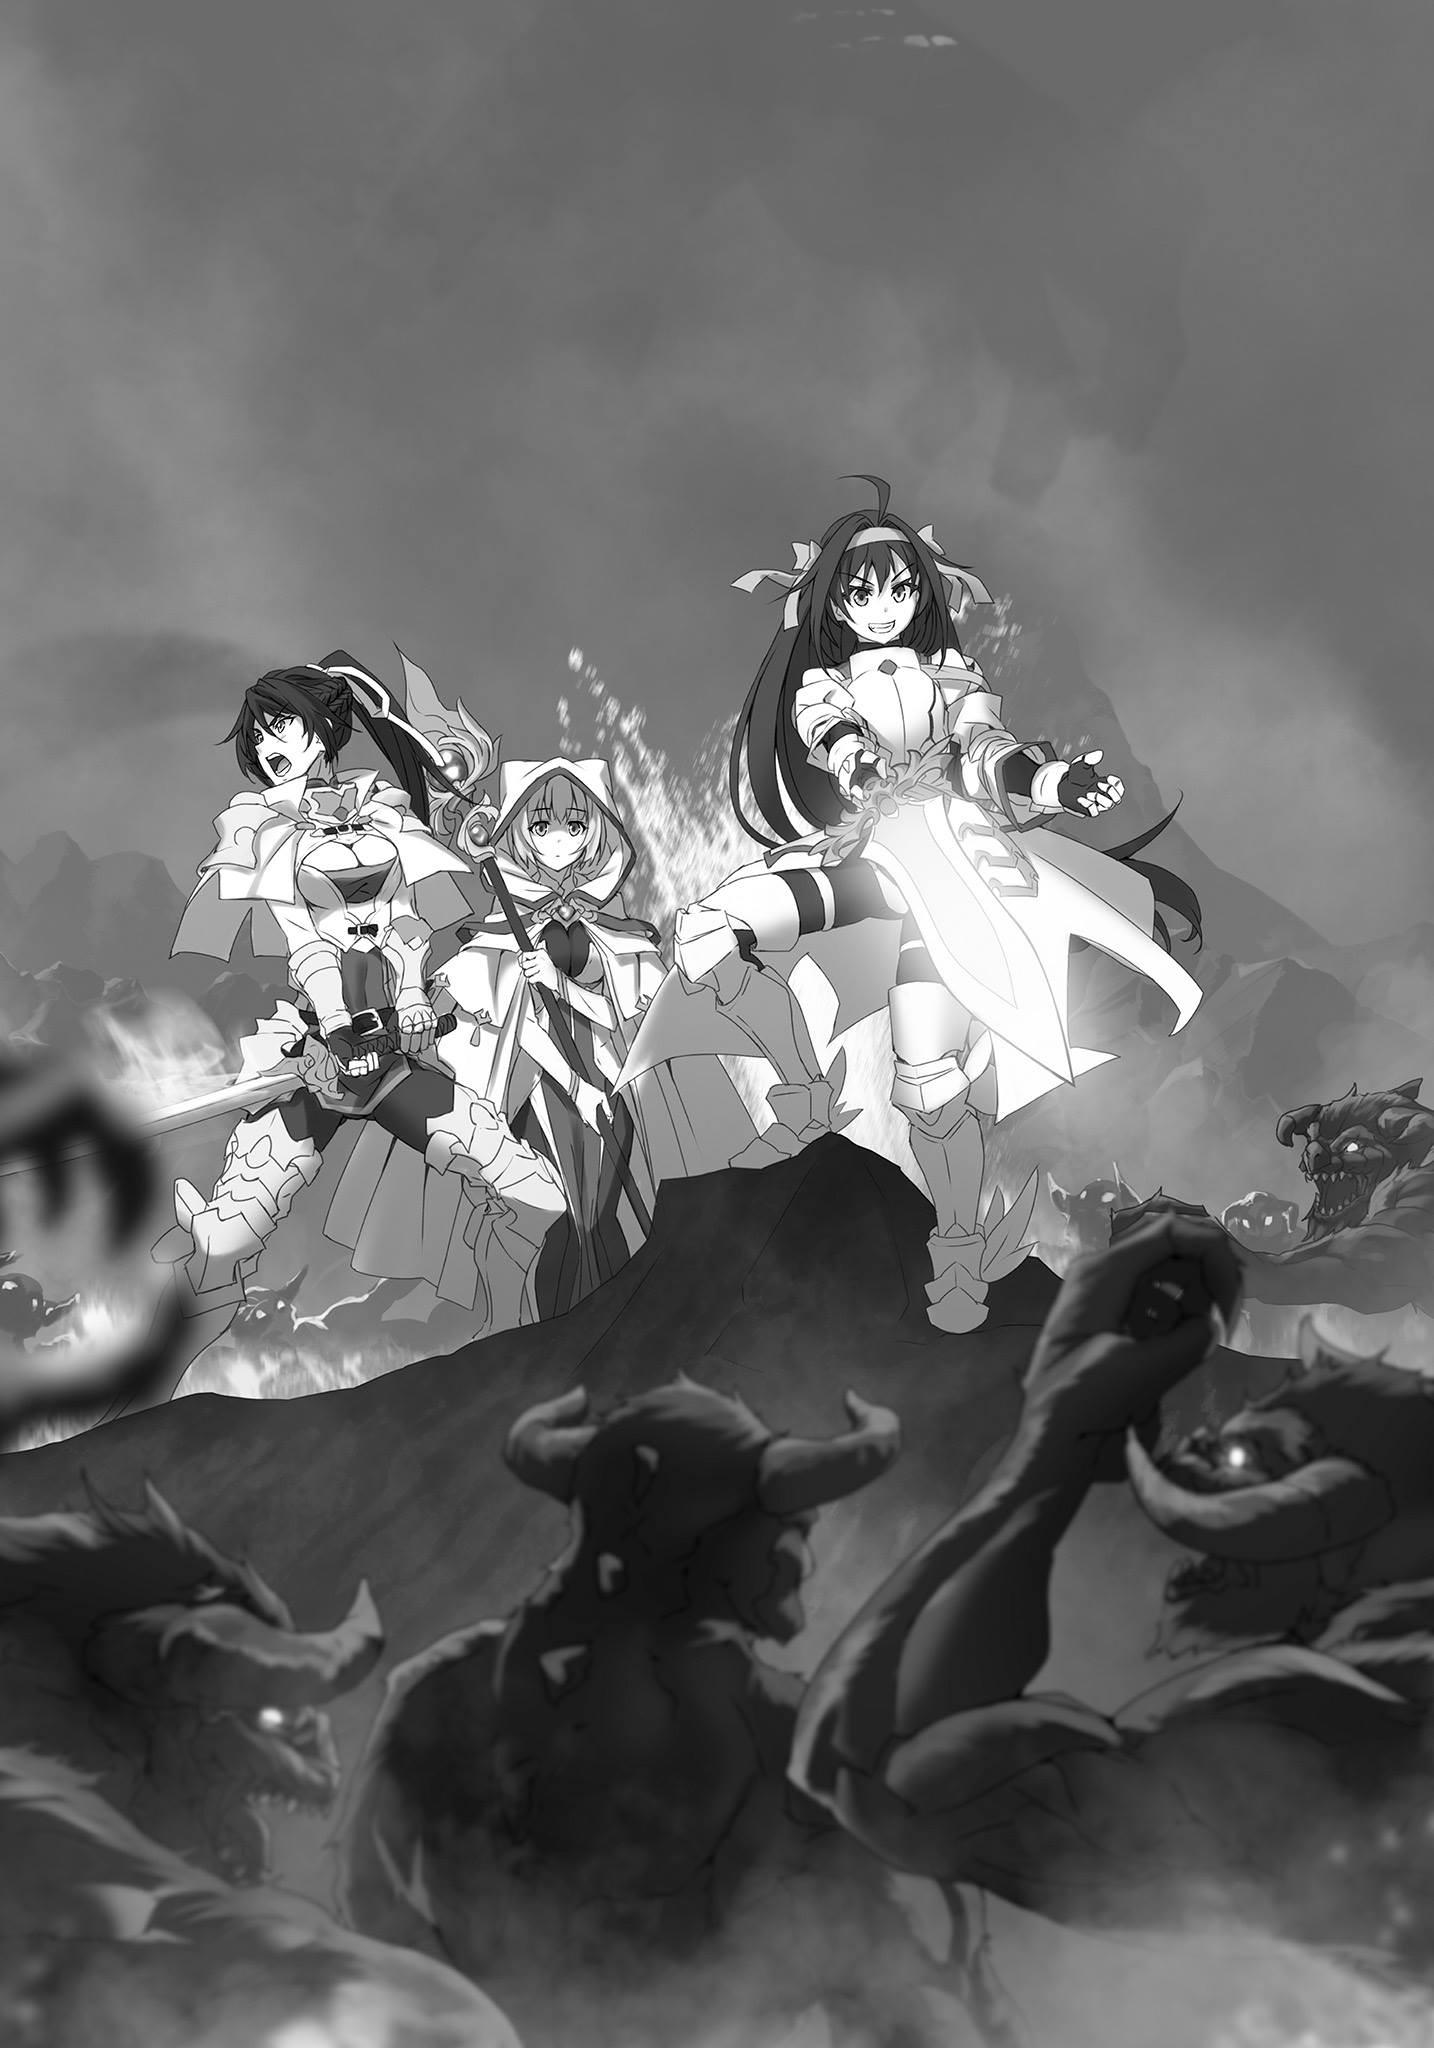 goblin slayer volume 4 pdf